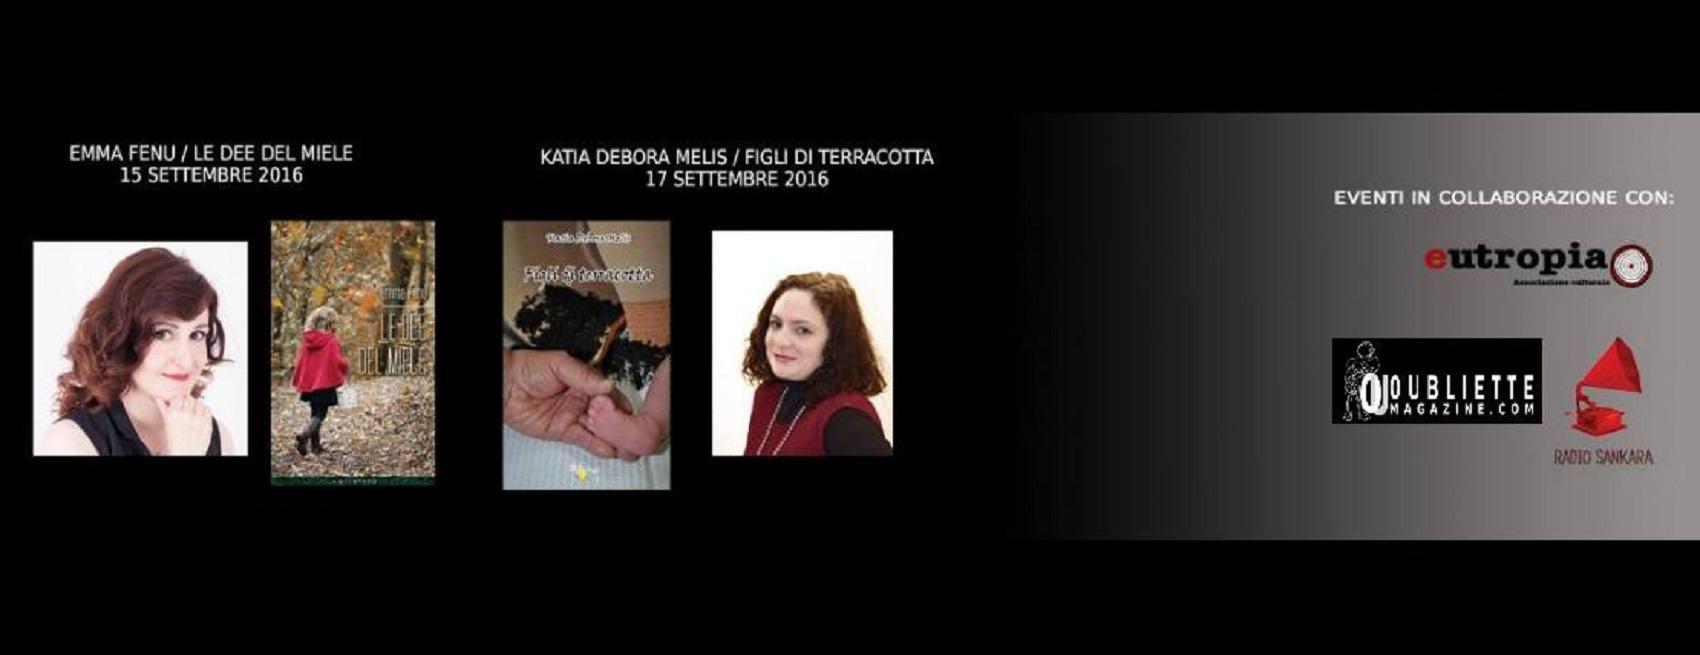 Emma Fenu e Katia Debora Melis si incontrano al Circolo La Marina Sankara, 15 e 17 settembre 2016, Cagliari